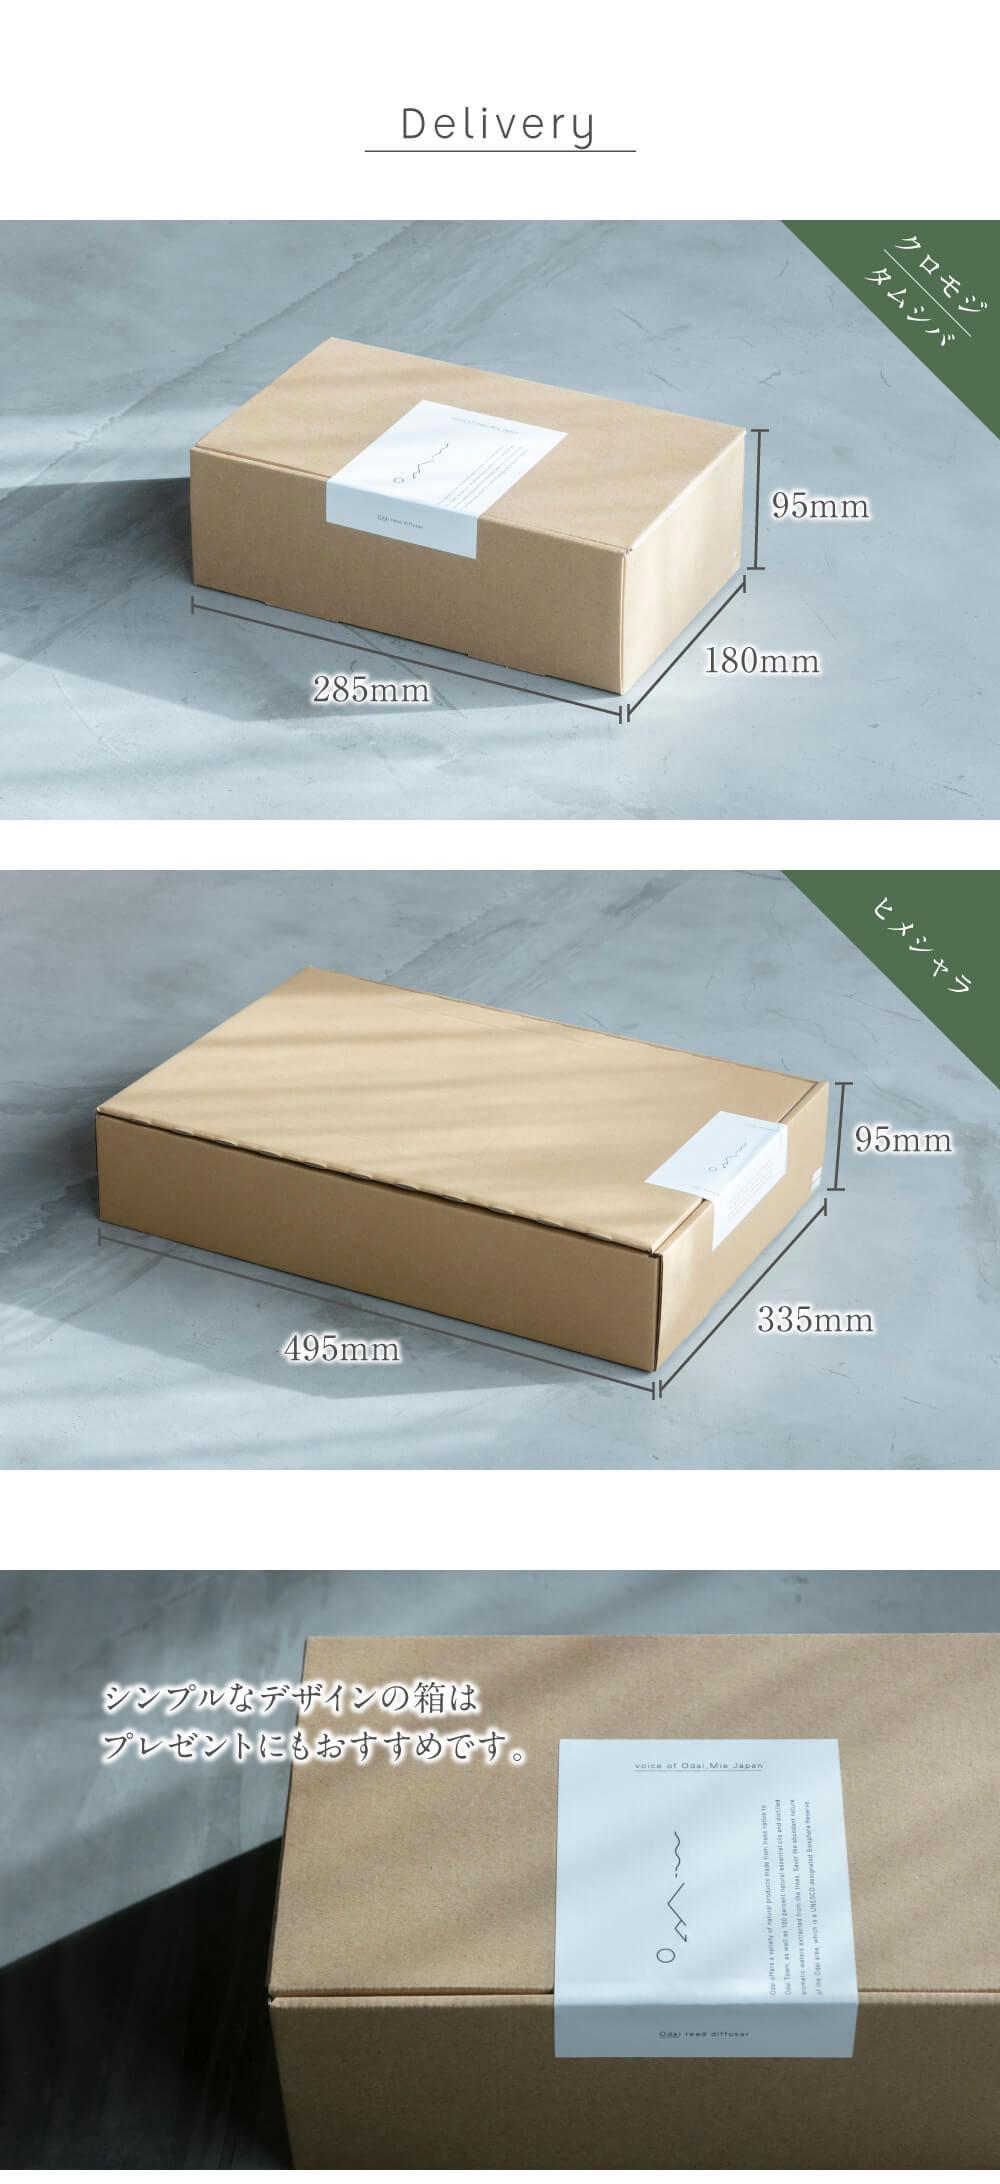 箱のサイズ